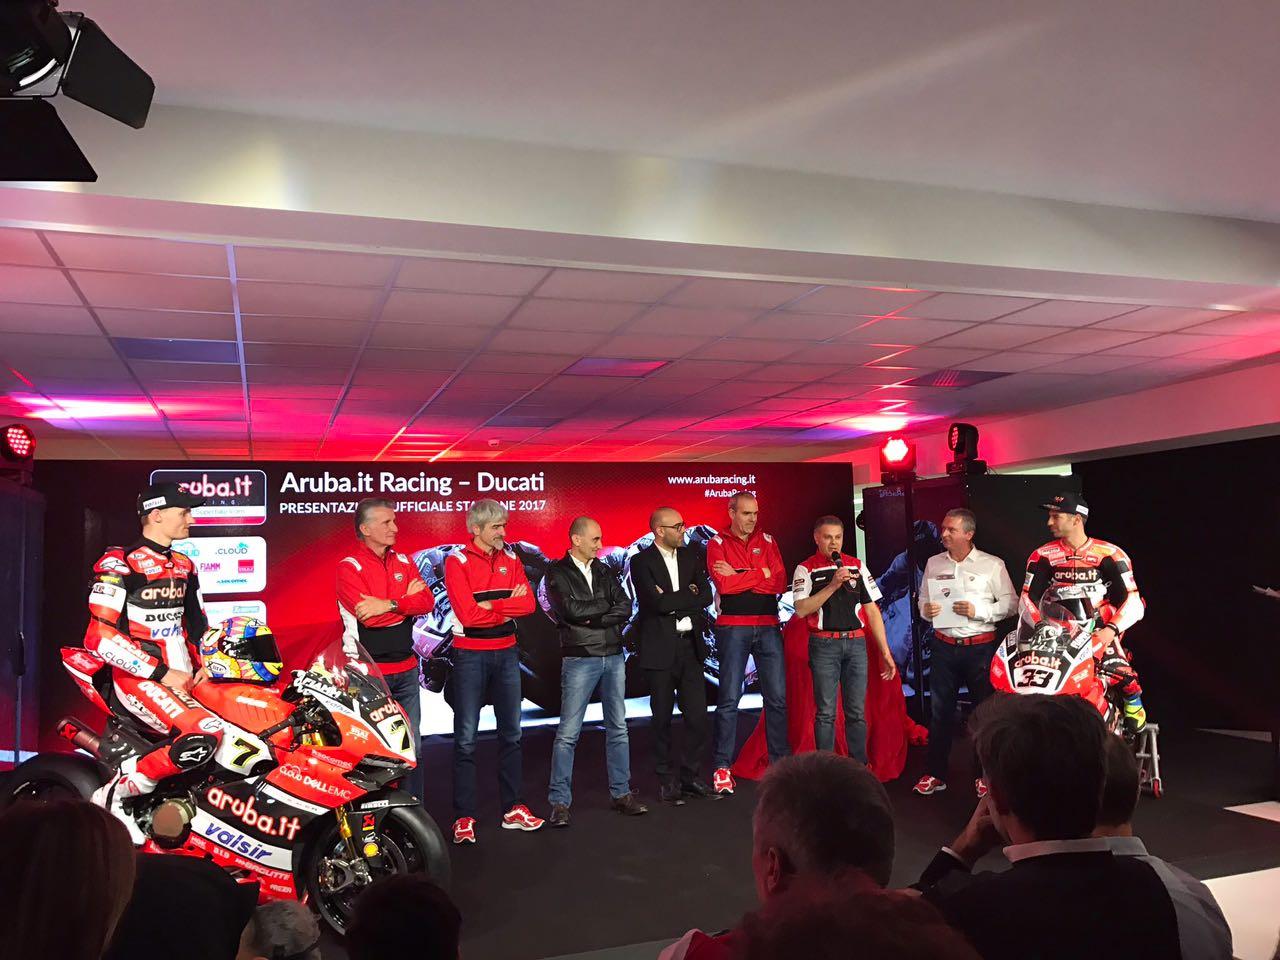 aruba_racing_ducati_wsbk_2017-5